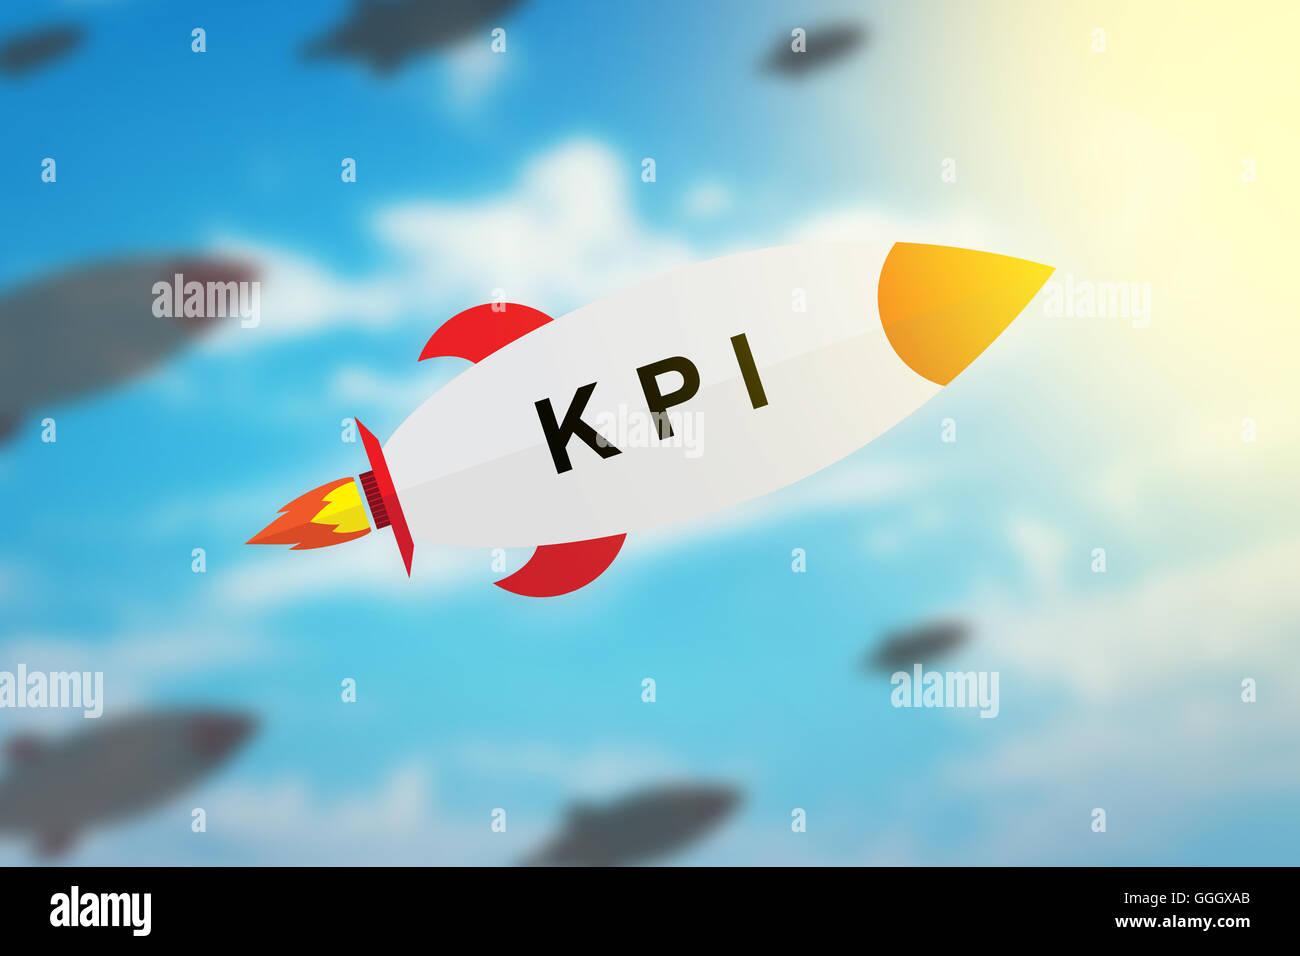 Groupe d'indicateur clé de performance ou KPI modèle plat fusée avec arrière-plan flou et Photo Stock